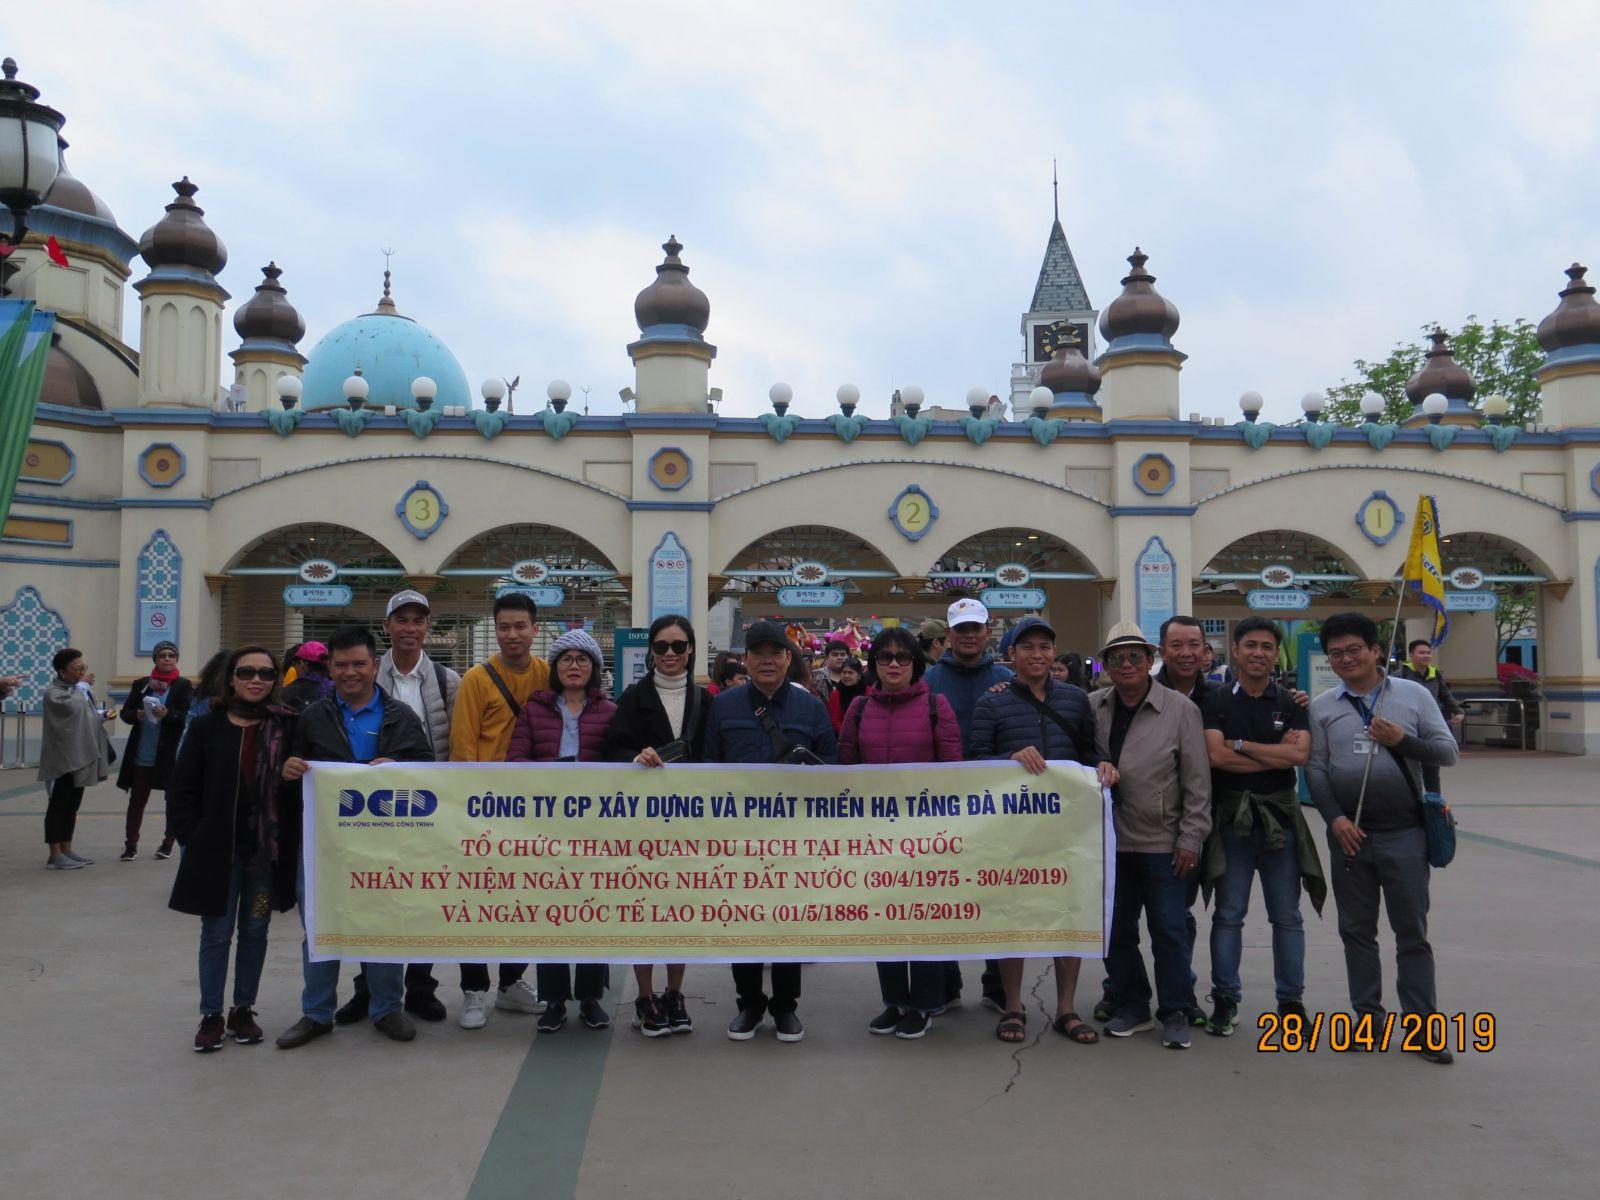 DCID tổ chức cho CBCNV tham quan nhân Kỷ niệm ngày Chiến thắng 30/4 và Quốc tế Lao động 01/5